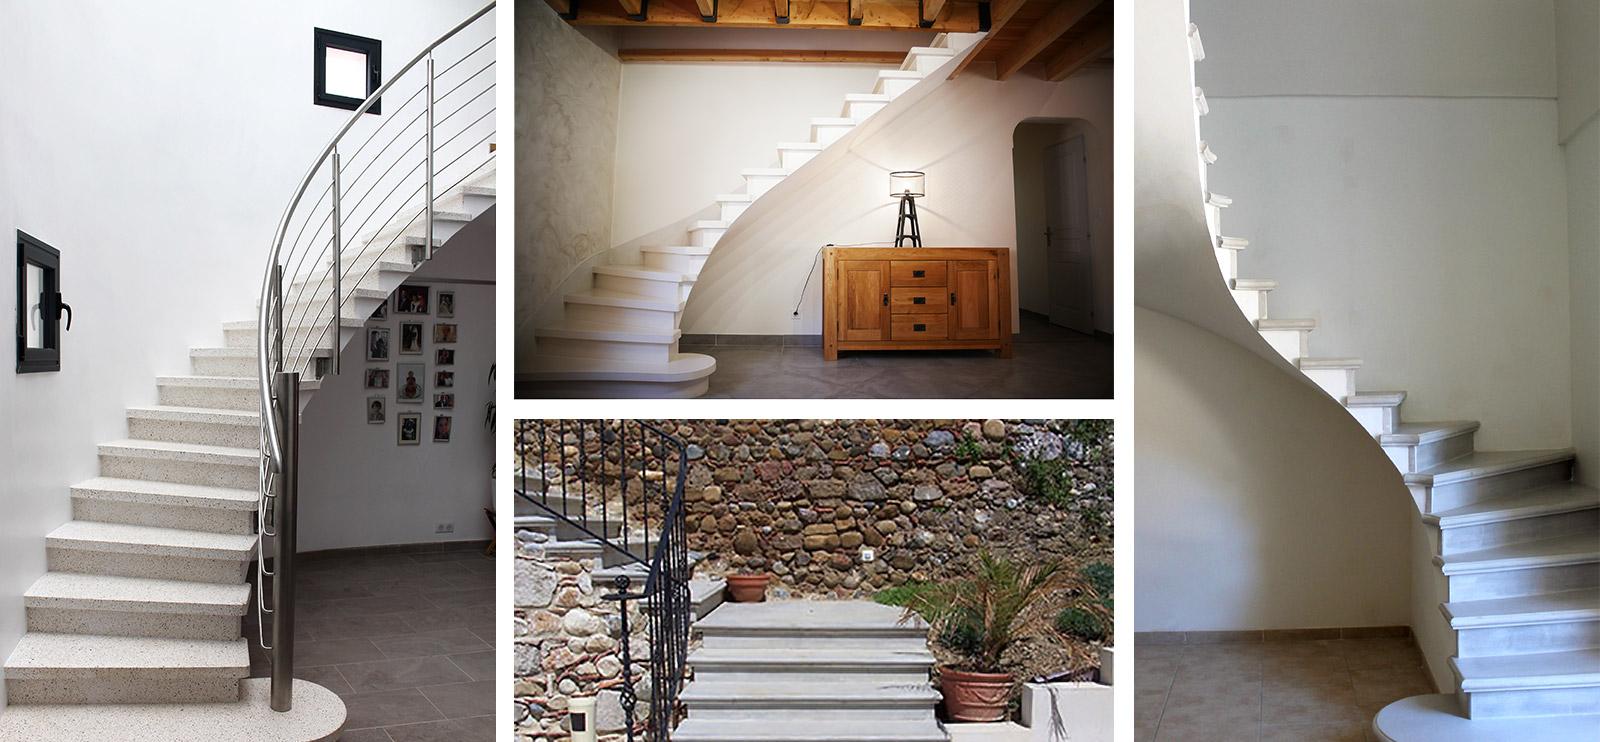 Escalier Interieur Beton Design prix et avantages de l'escalier en béton